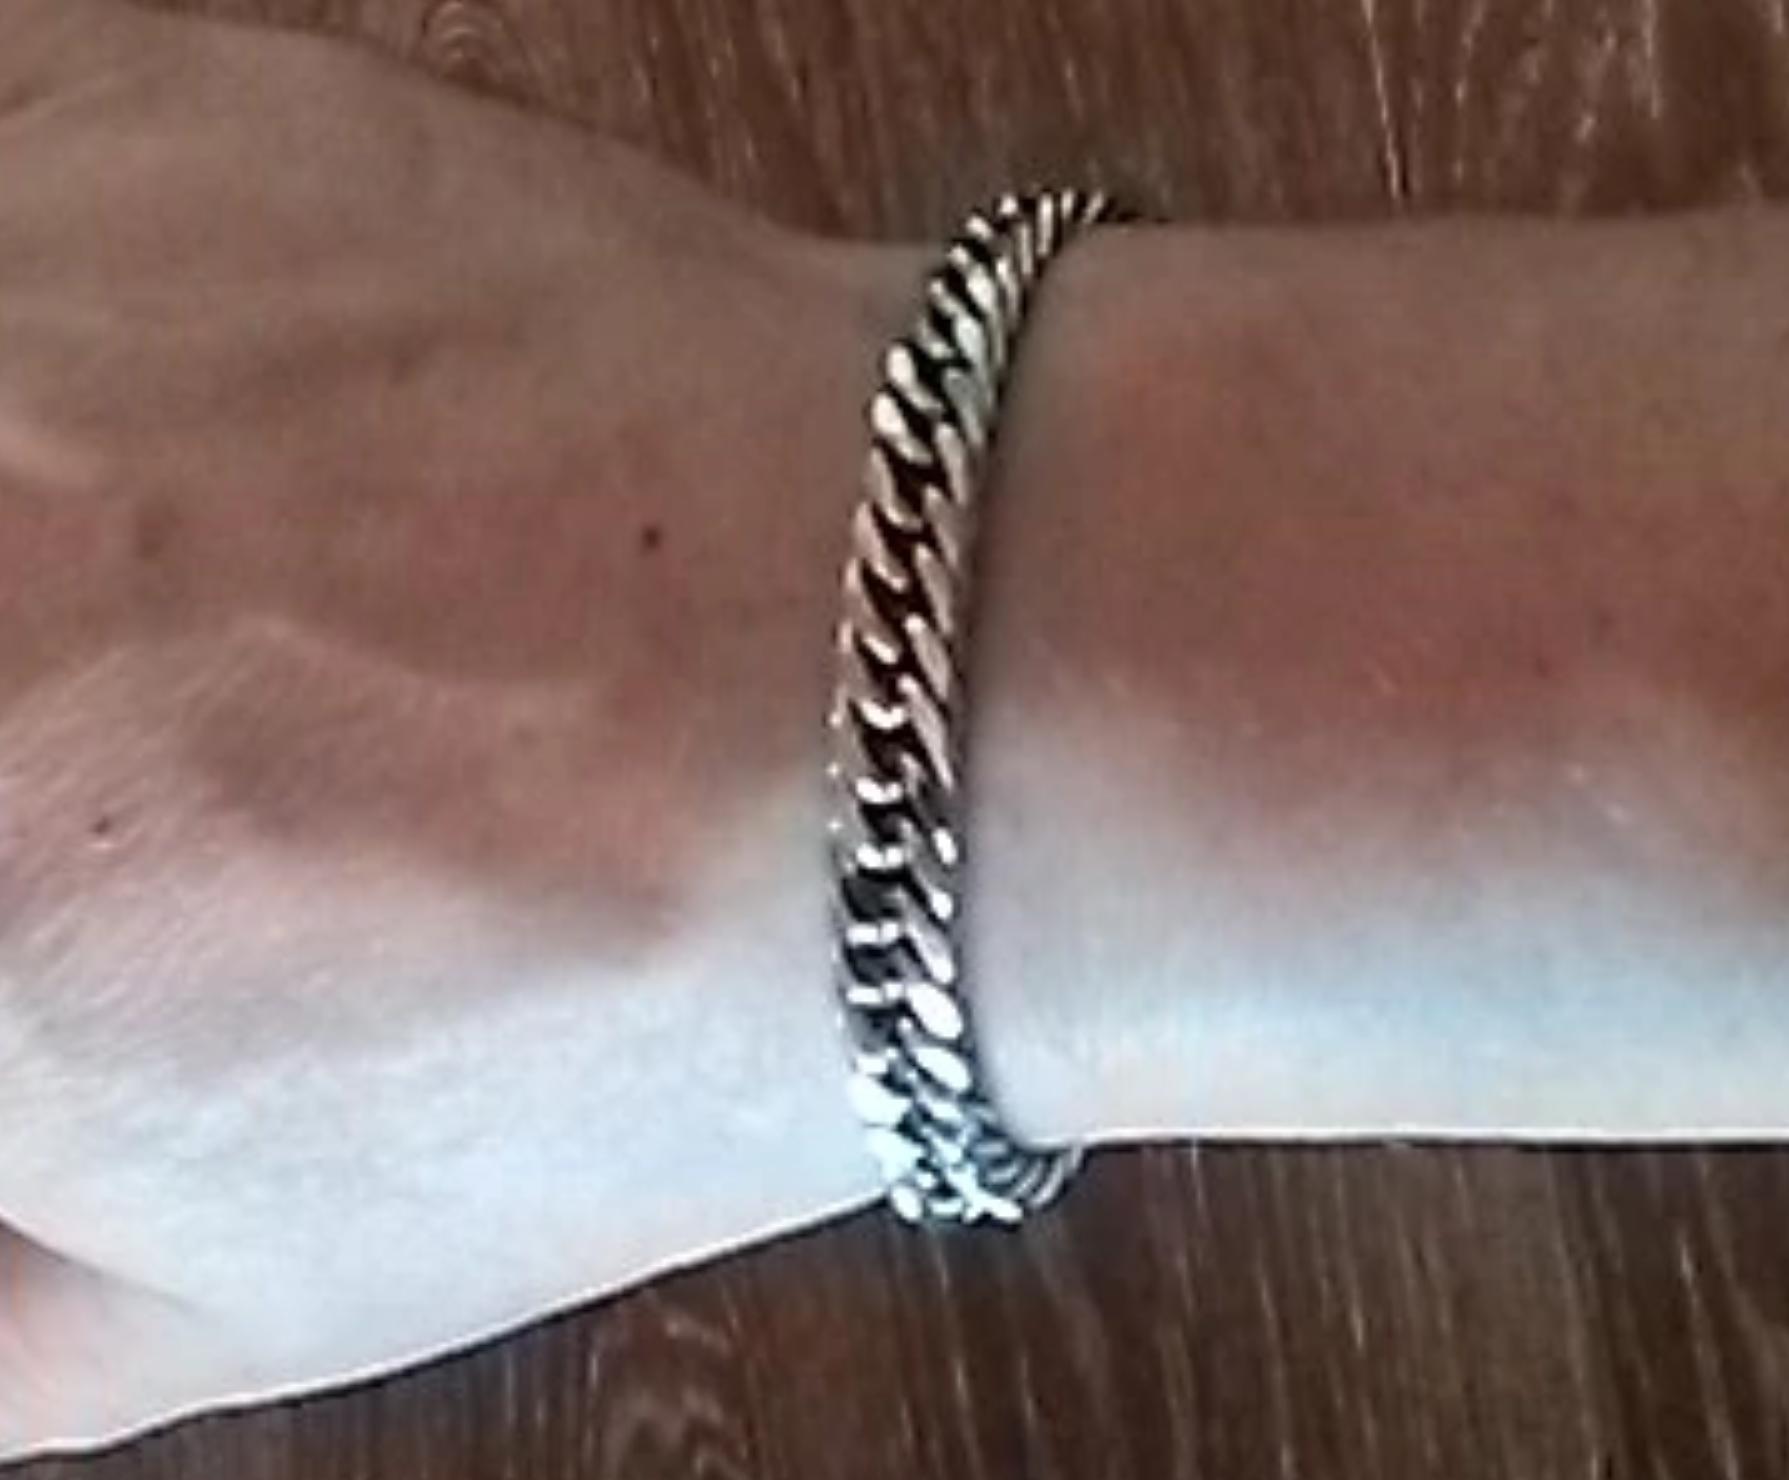 8b26df0da ARTAZ - pánsky náramok, vzor: pancier, dĺžka: 21cm, šírka: 1cm, chirurgická  oceľ